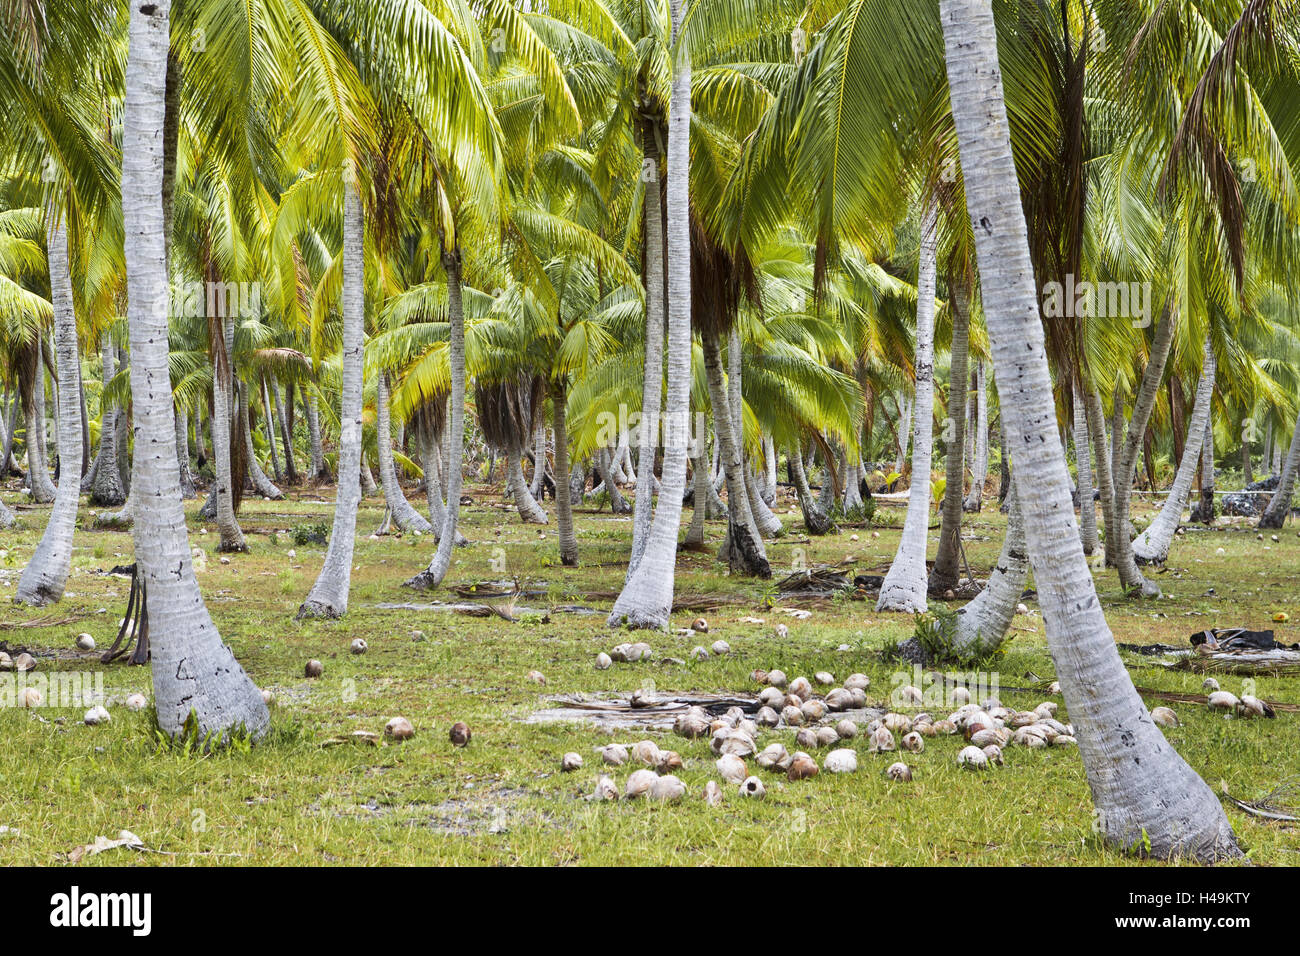 Den Pazifischen Ozean, Französisch-Polynesien, Palmen, Kokosnüsse, Lügen, Tikehau, Kokospalmen, Tuamotu-Archipel, Landschaft, Insel, Inselgruppe, Atoll, Lagune, Palmen, Ebene, Vegetation, Boden, Reis, Stockfoto